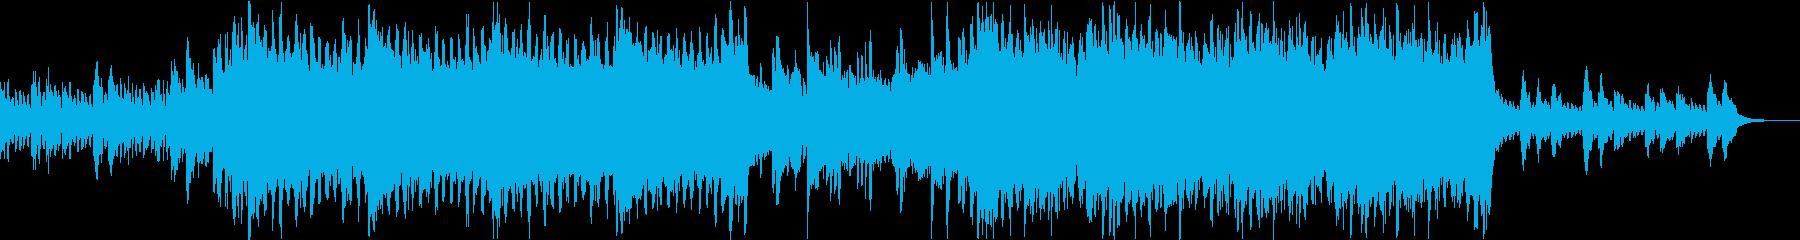 ハッピーで感動的なテンポのいい曲の再生済みの波形